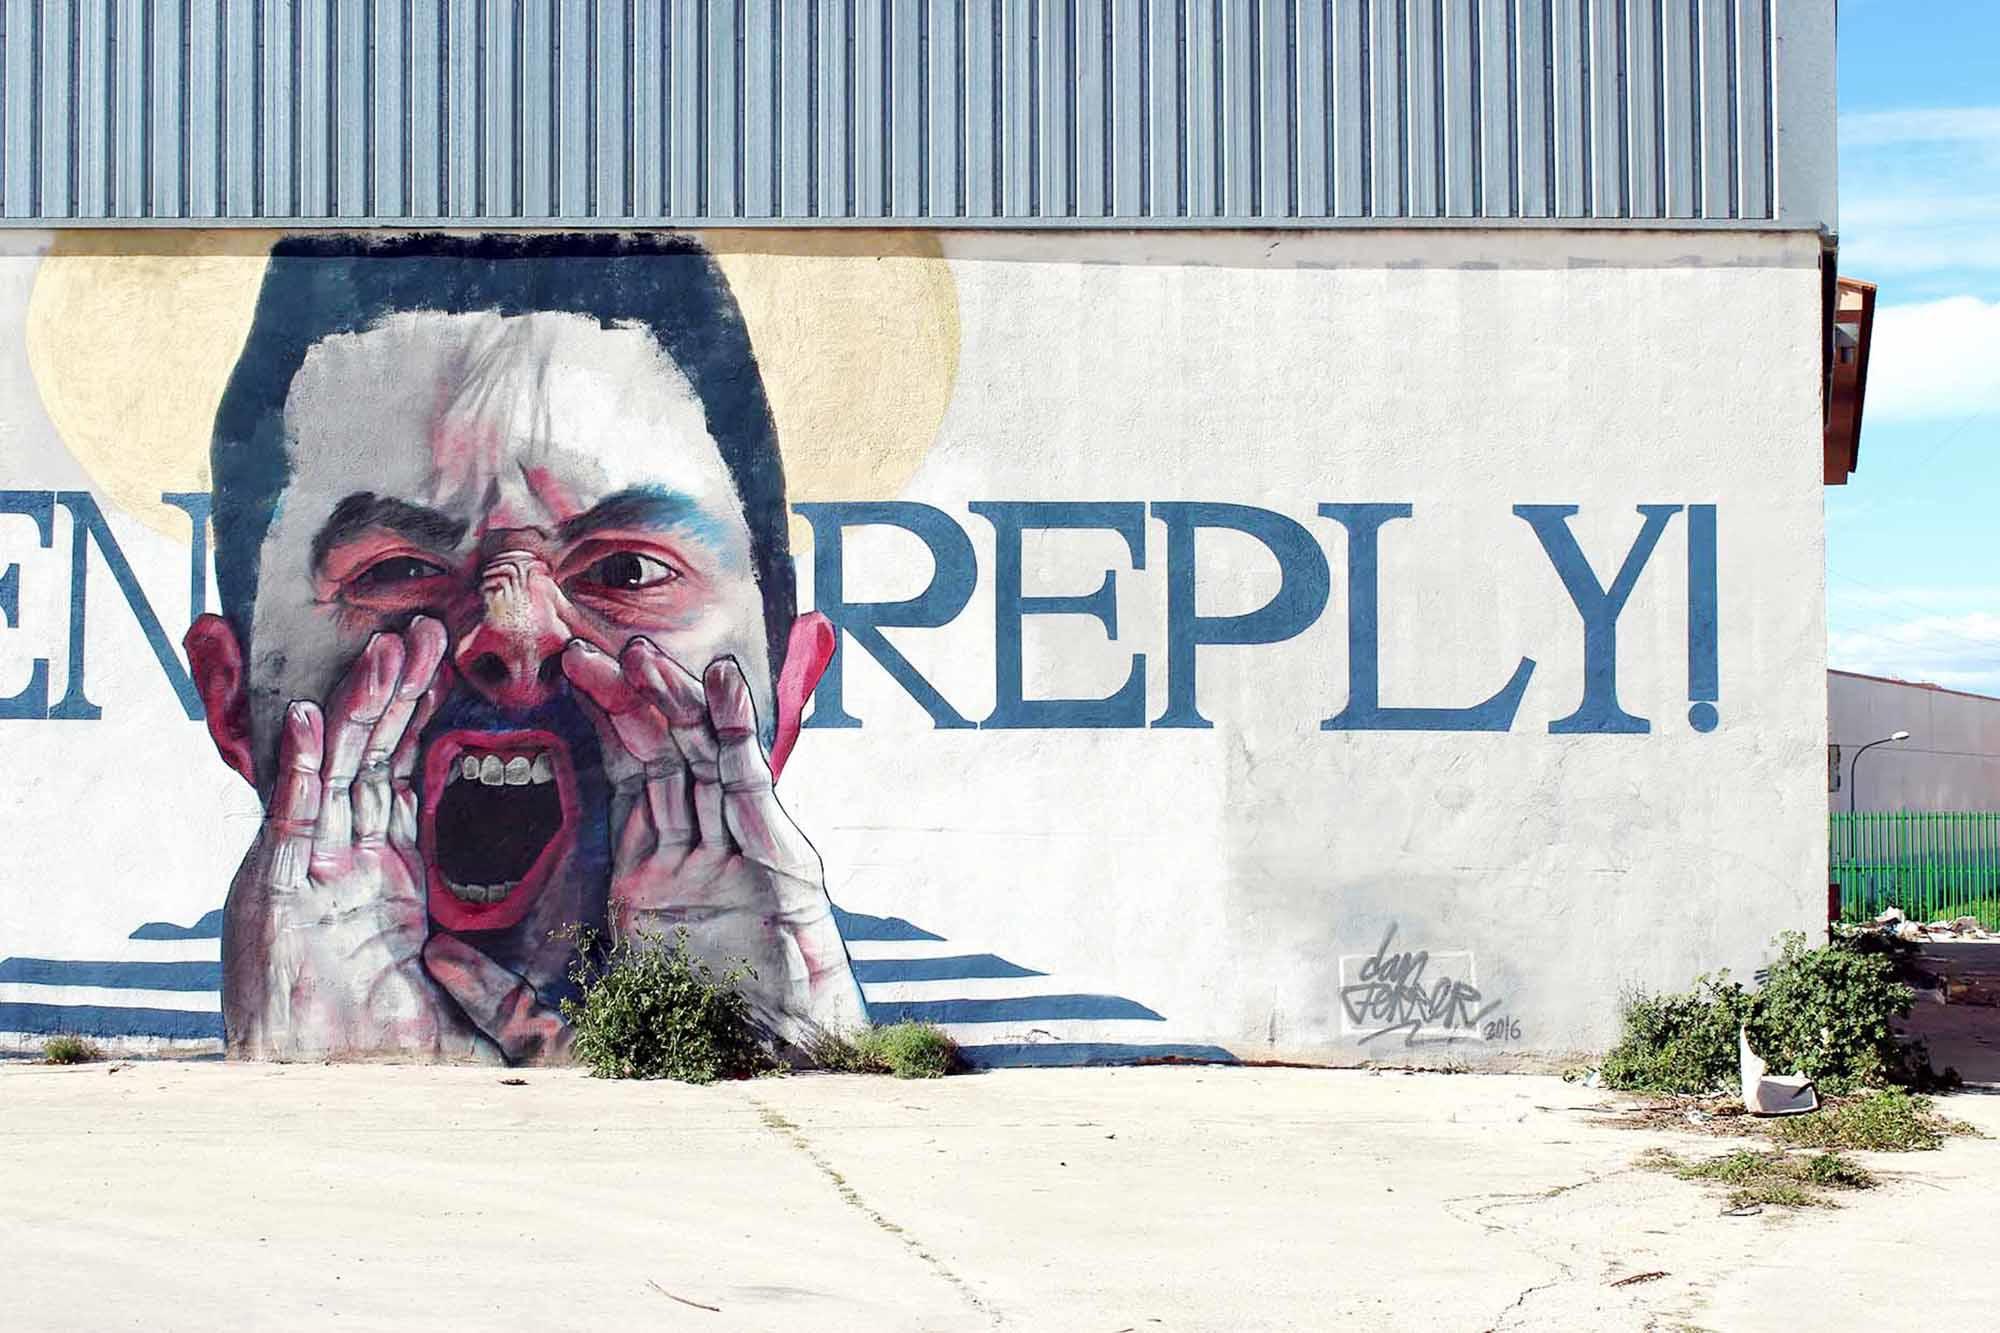 mural, man yelling